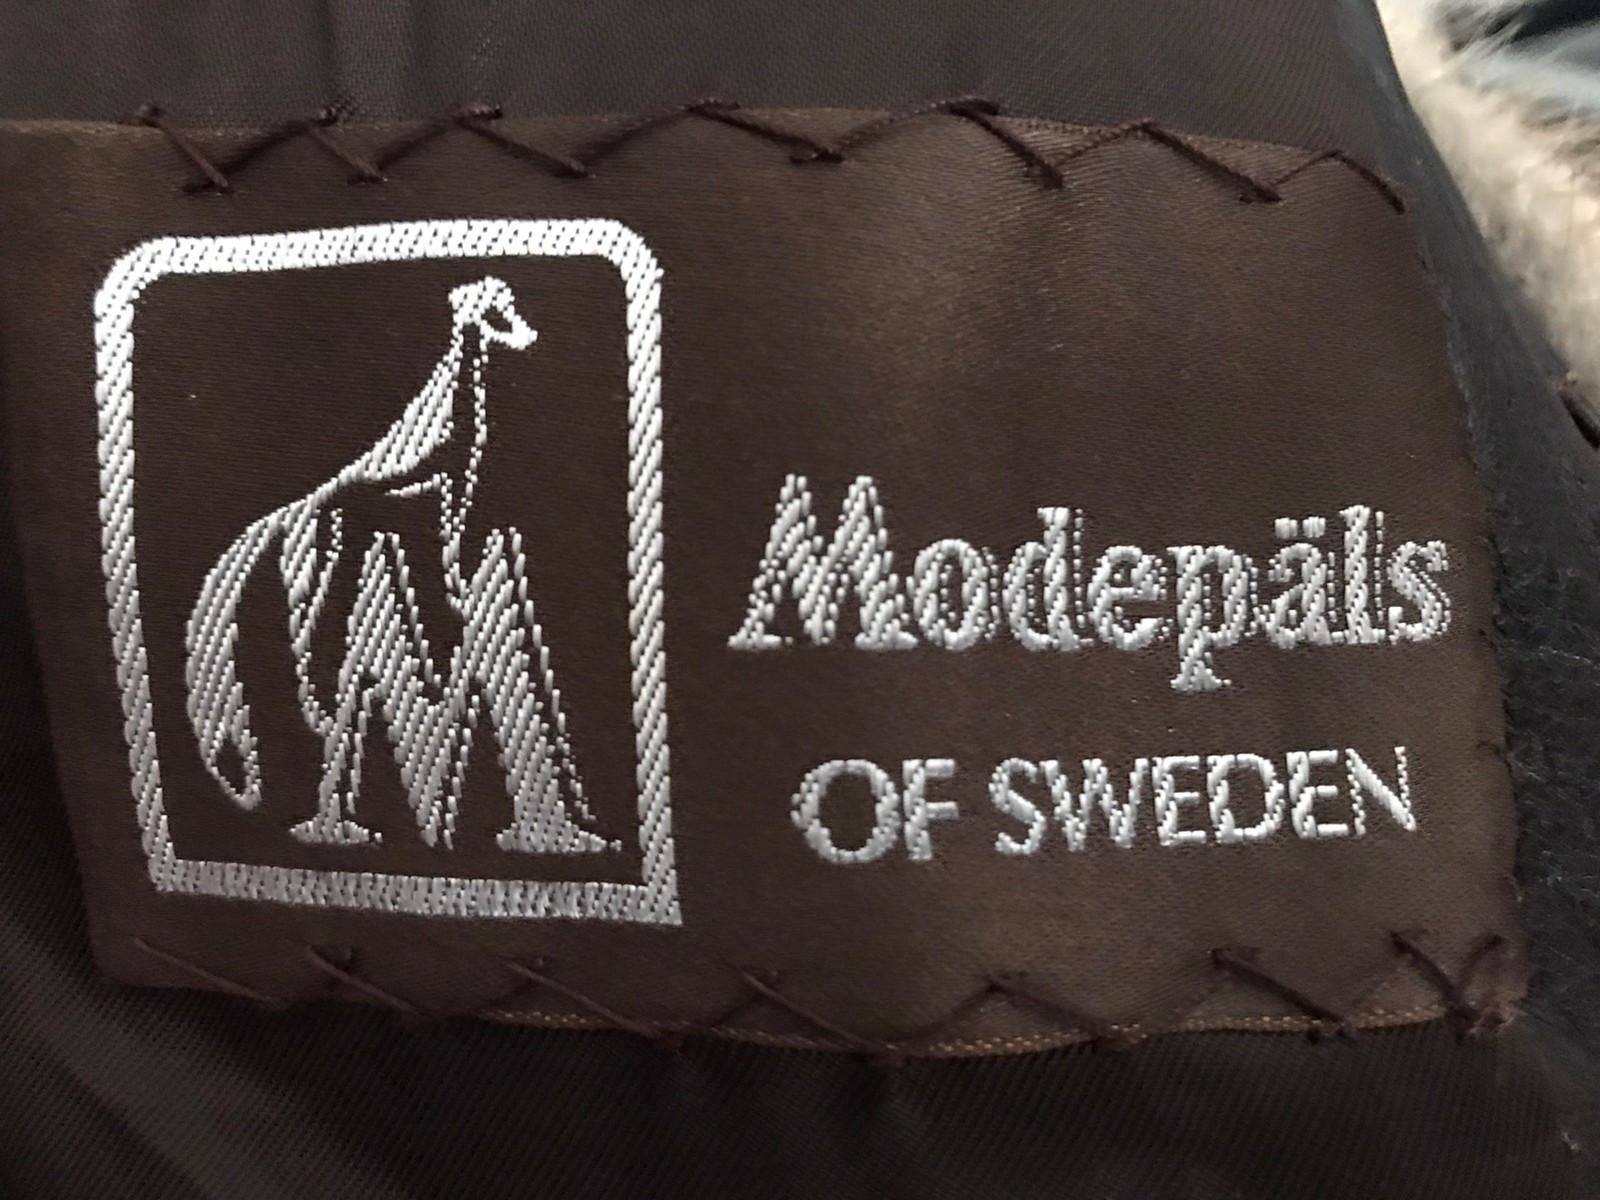 Modepäls of Sweden Vintage Mink Pels kåpe | FINN.no